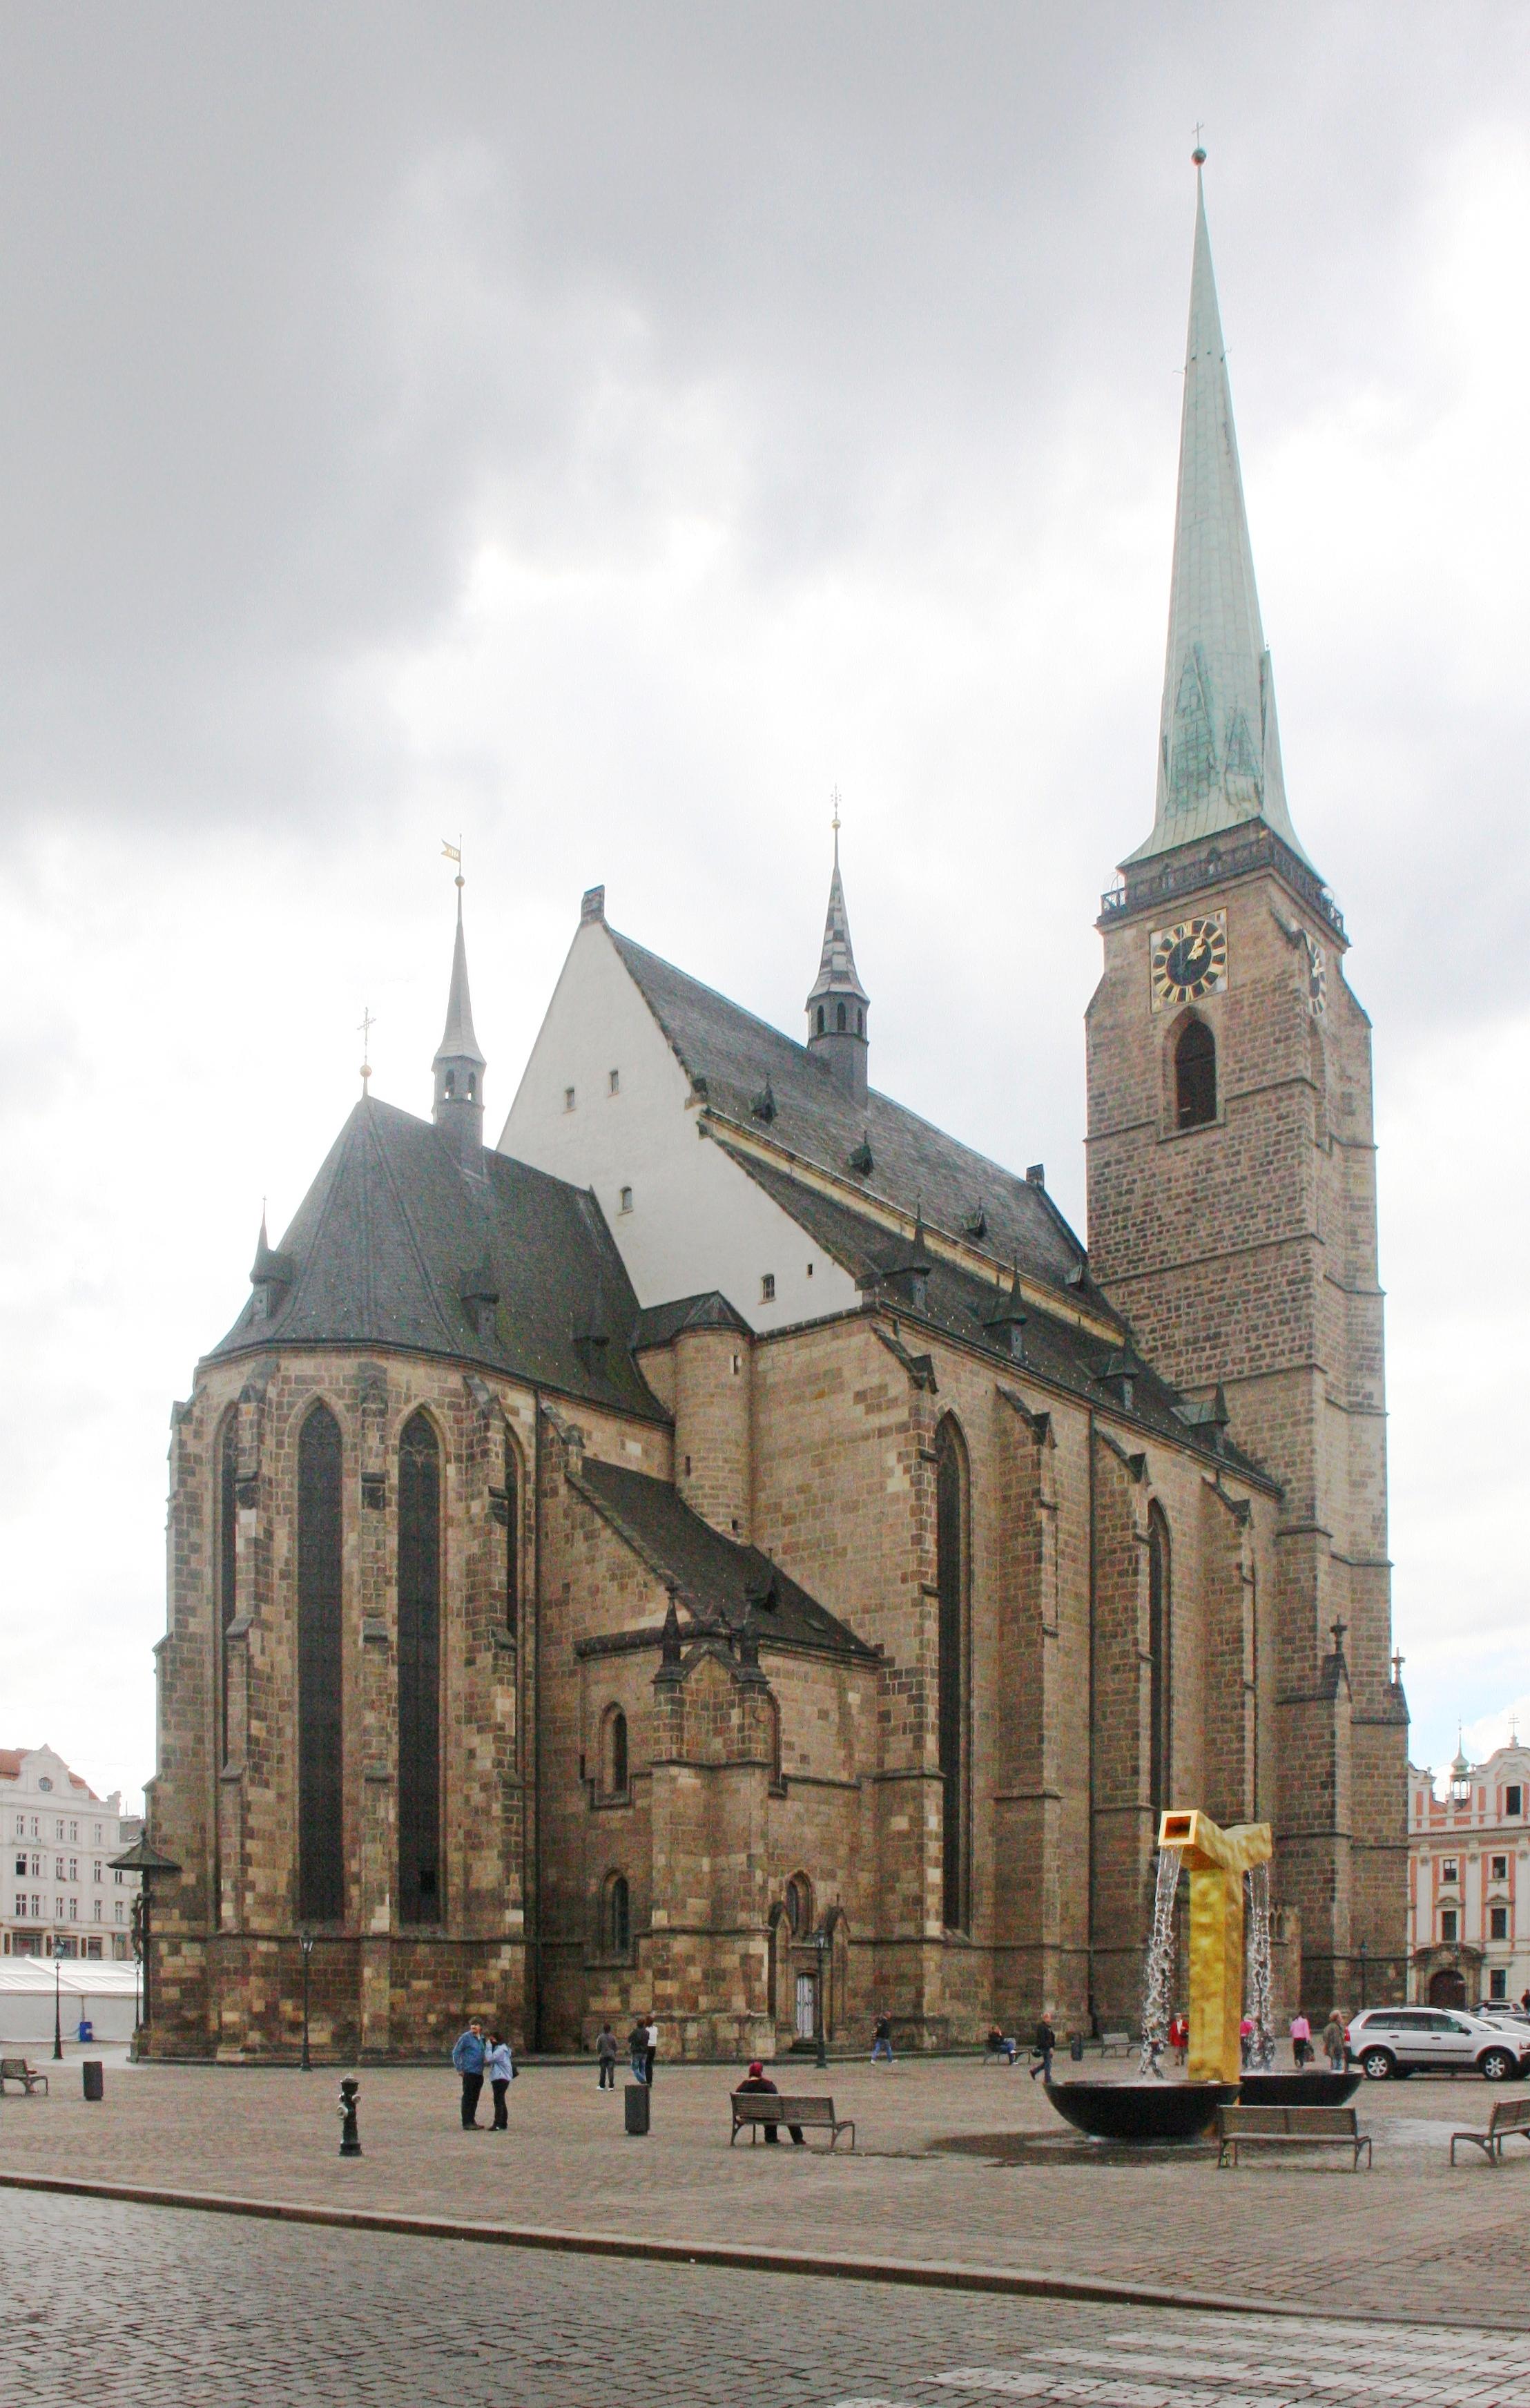 Αποτέλεσμα εικόνας για Cathedral of St. Bartholomew (Dom St. Bartholomaus)